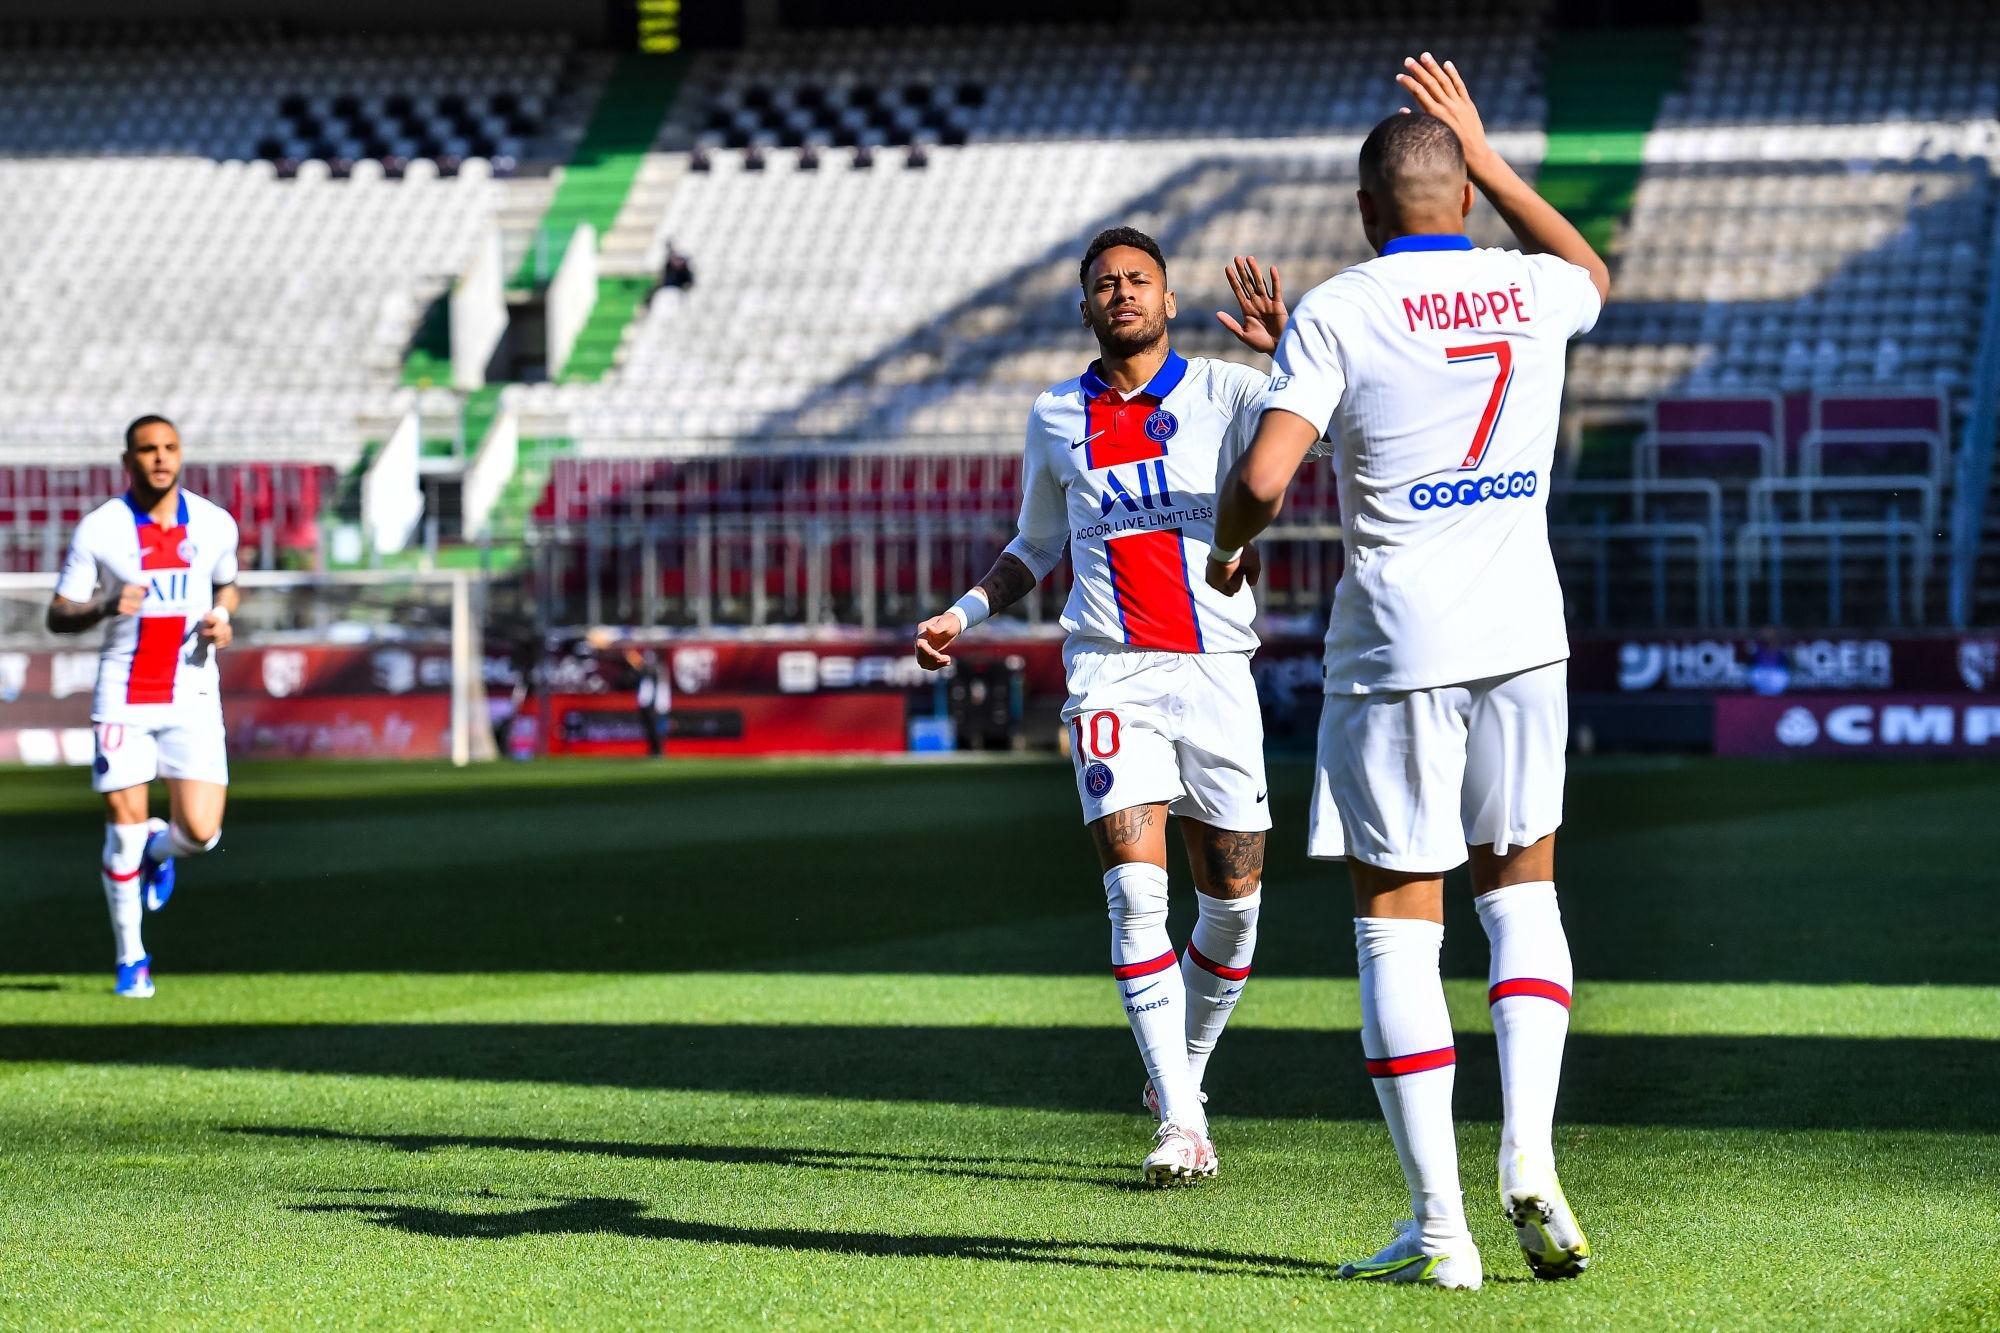 Metz/PSG - Les notes des Parisiens dans la presse : Mbappé au top, Sarabia et Kurzawa déçoivent